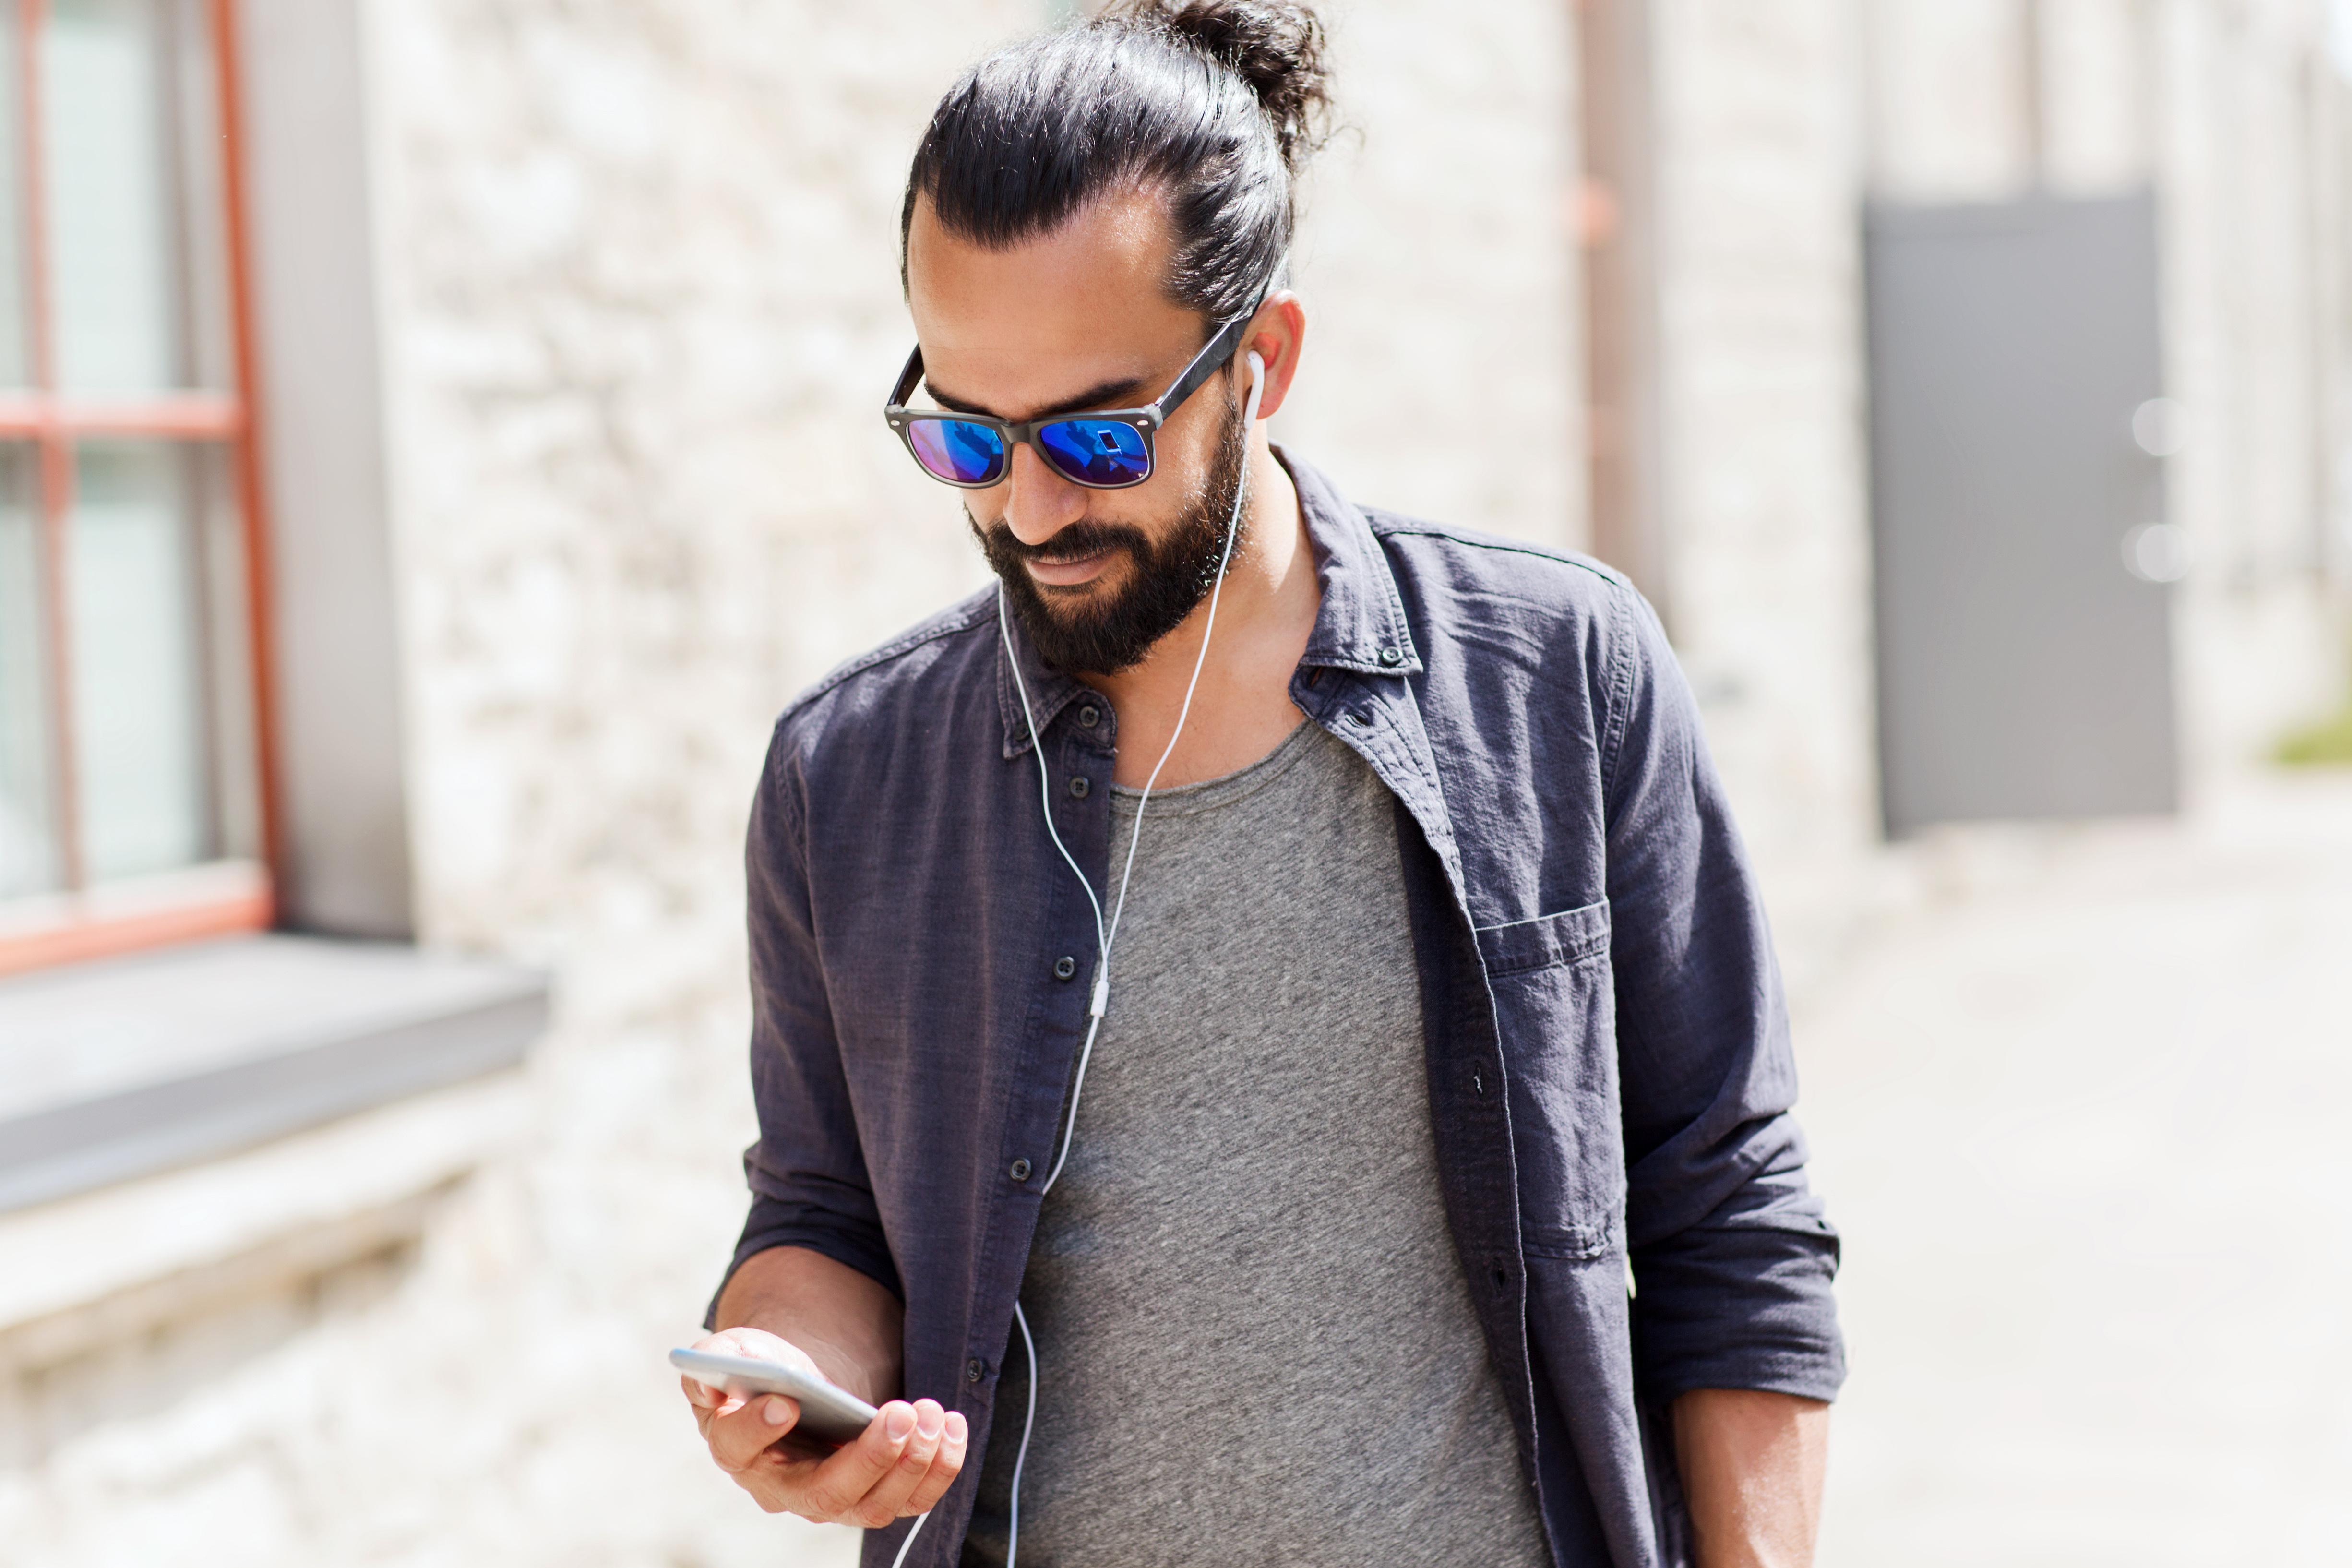 Junger_Mann-Straße-mit_Smartphone-Kopfh